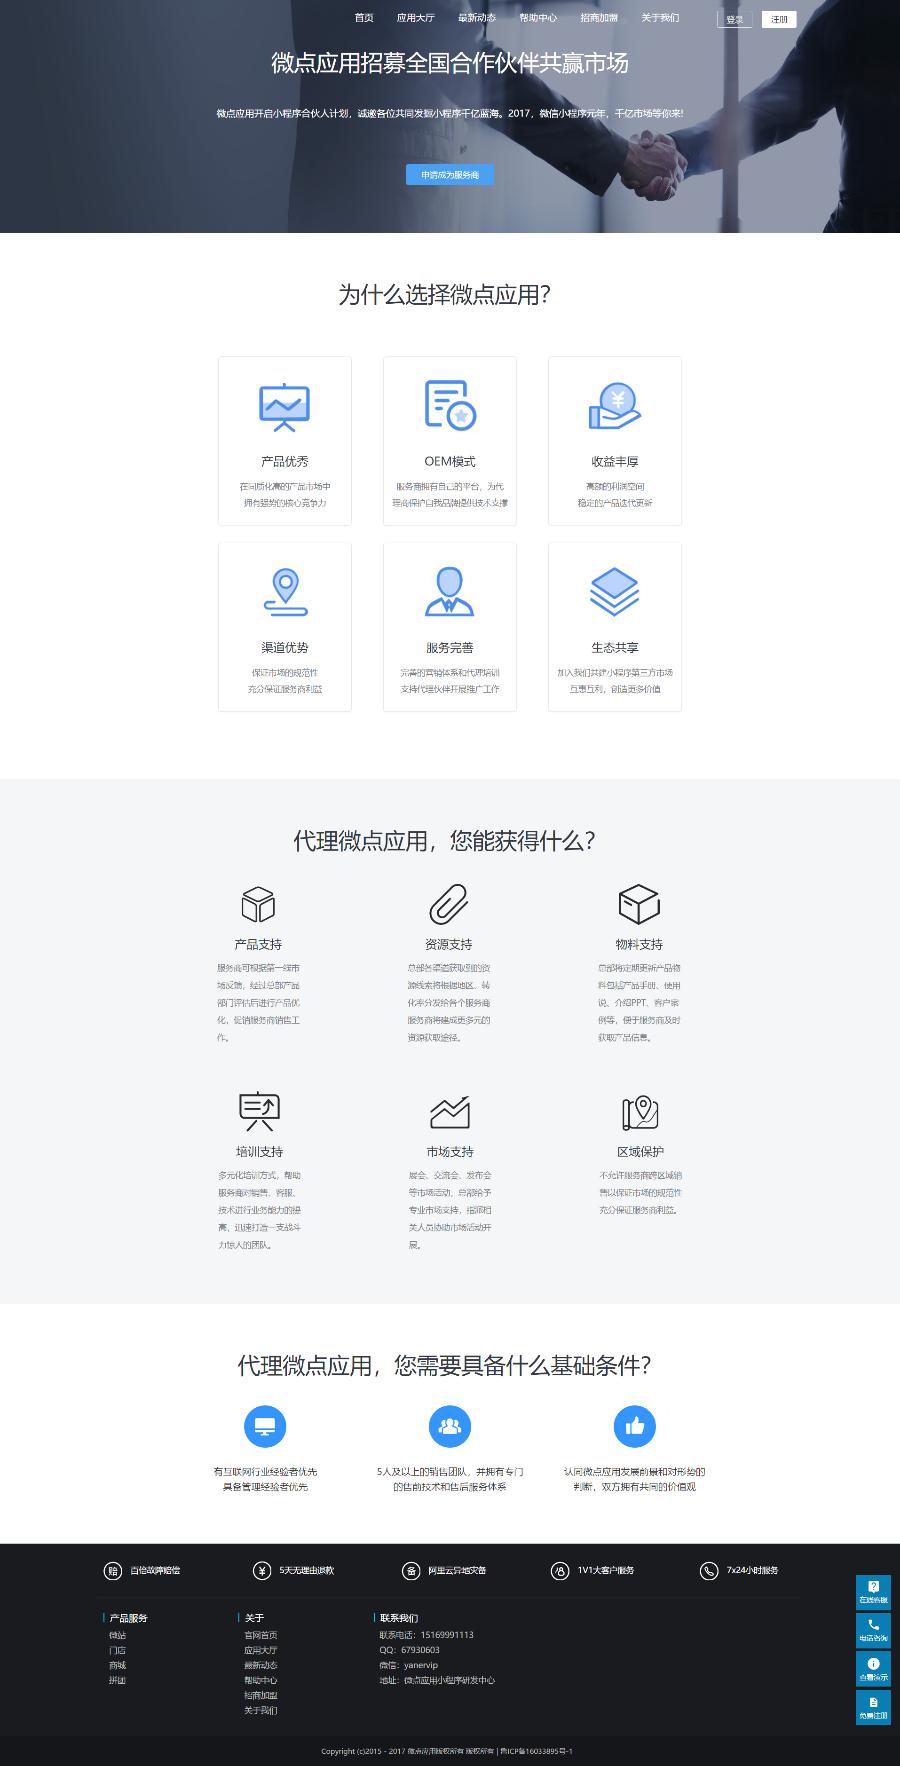 Thinkphp小程序一键生成平台系统/开源小程序/正版授权